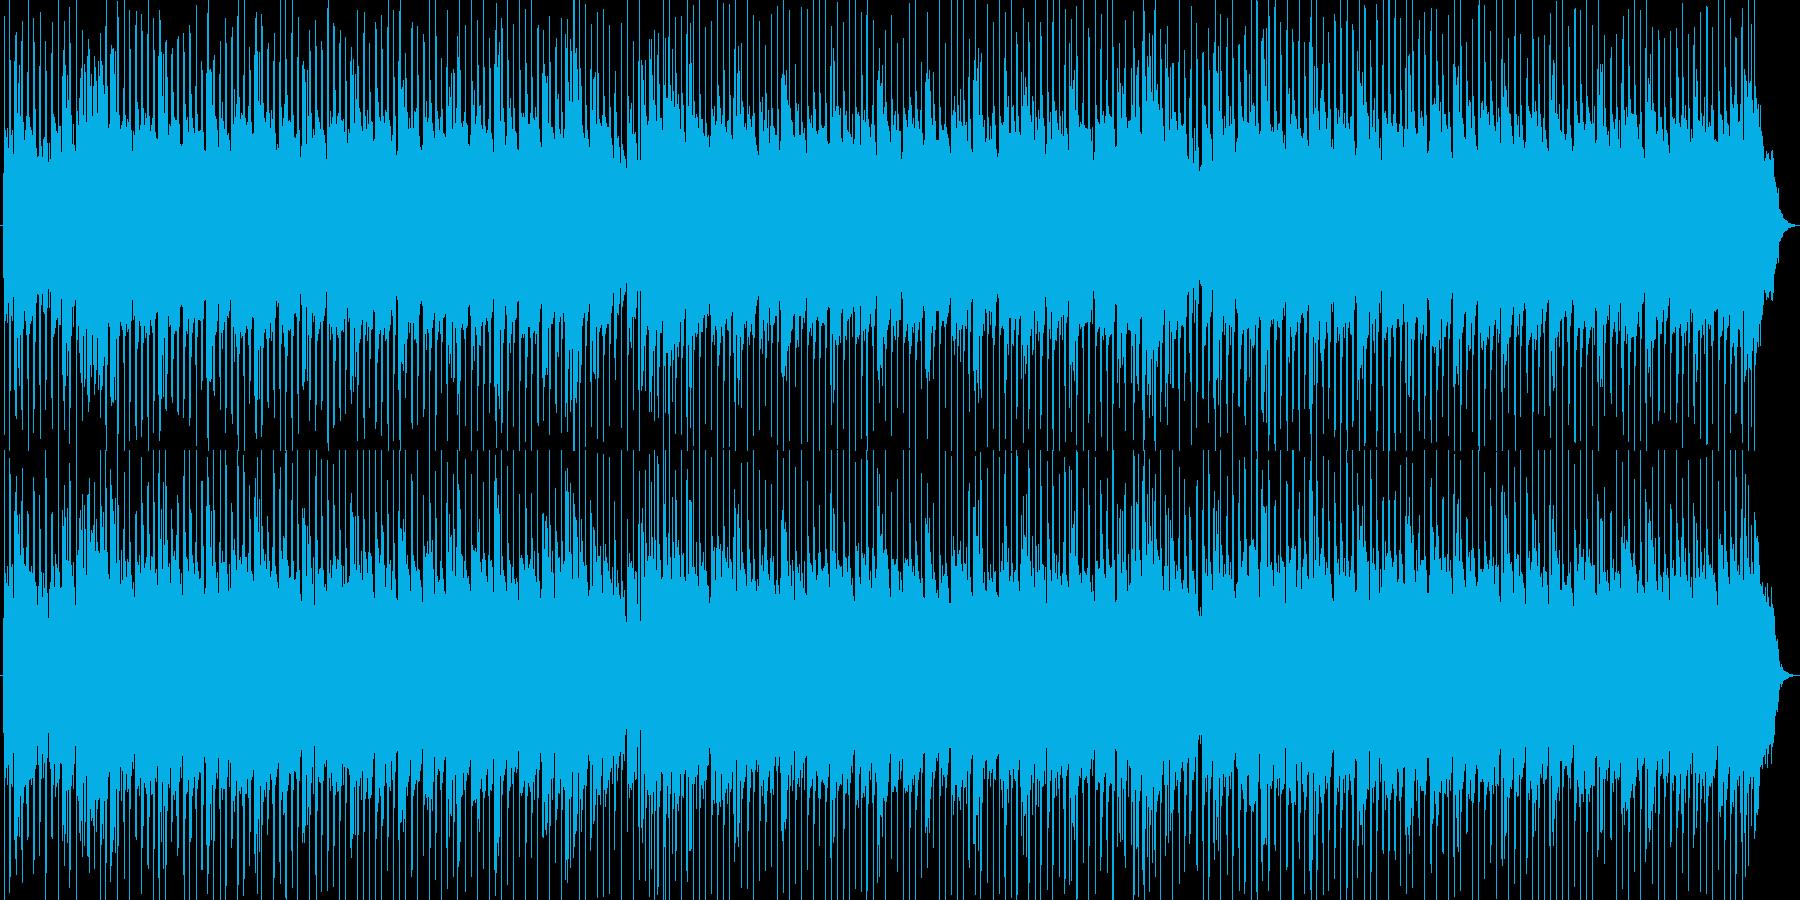 お洒落なR&Bビート洋楽テイストの再生済みの波形